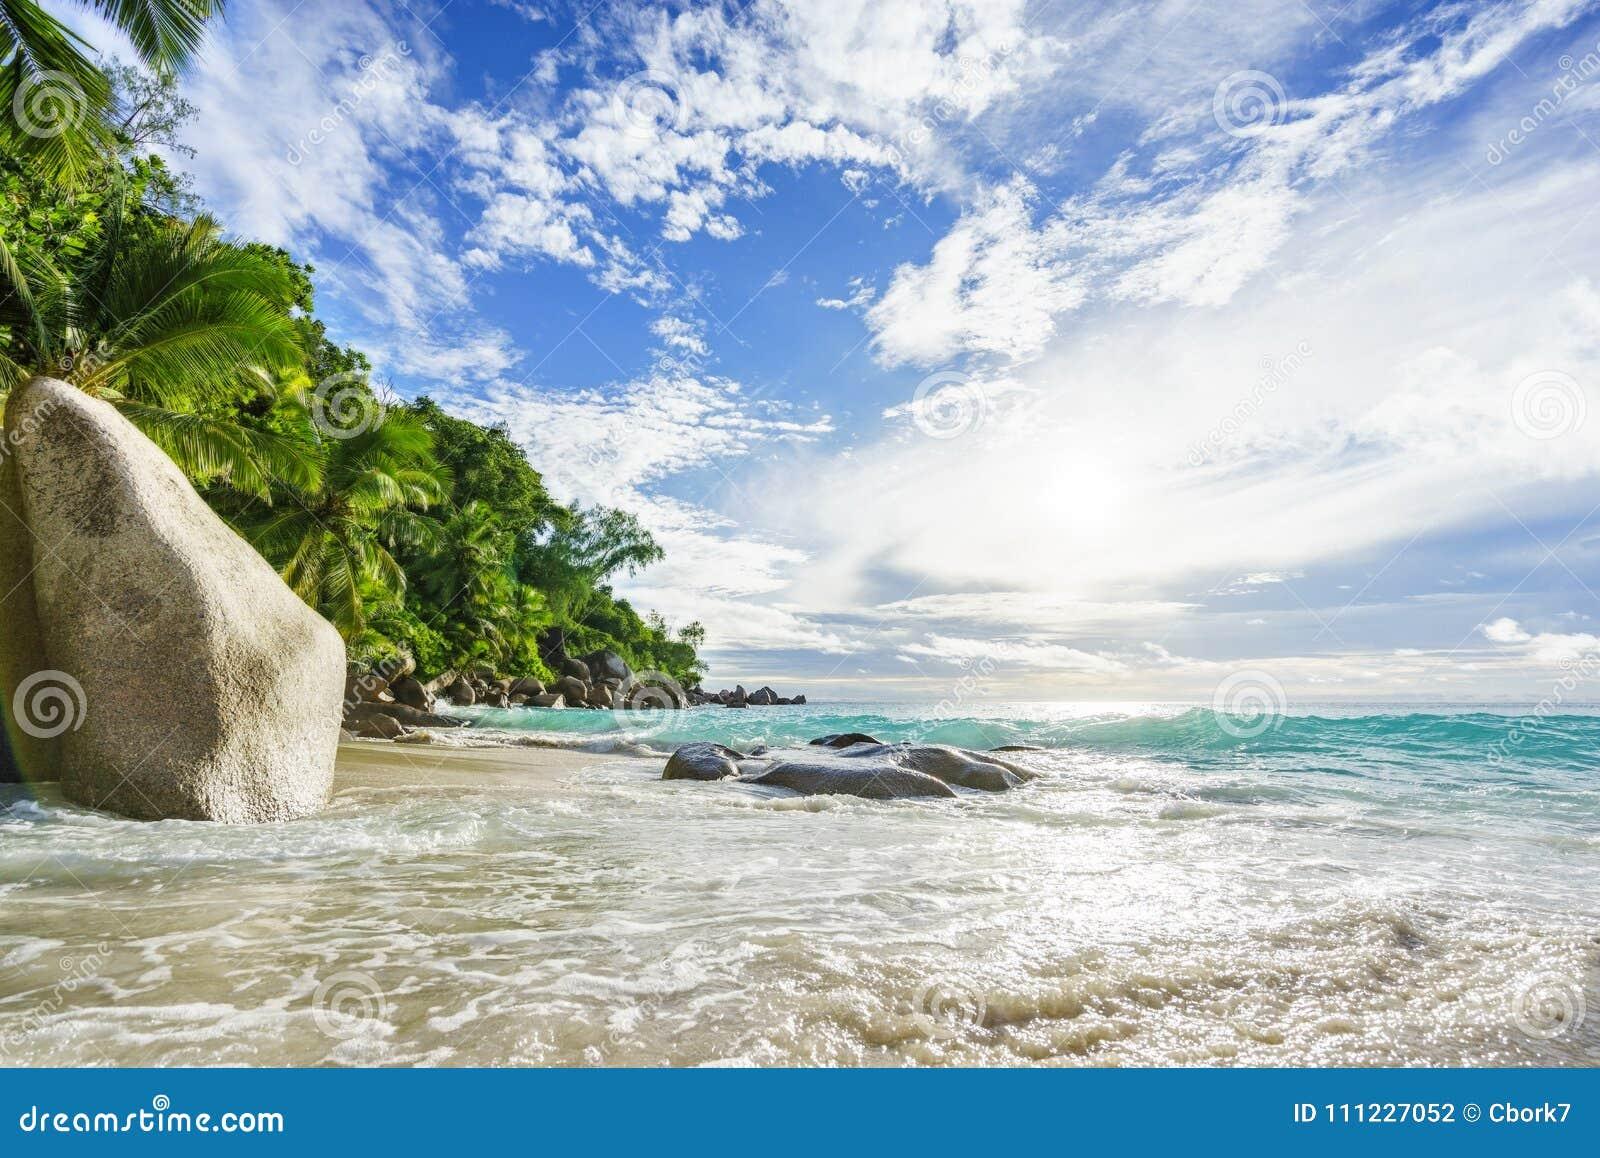 Plage tropicale de paradis avec des roches, des palmiers et le wate de turquoise